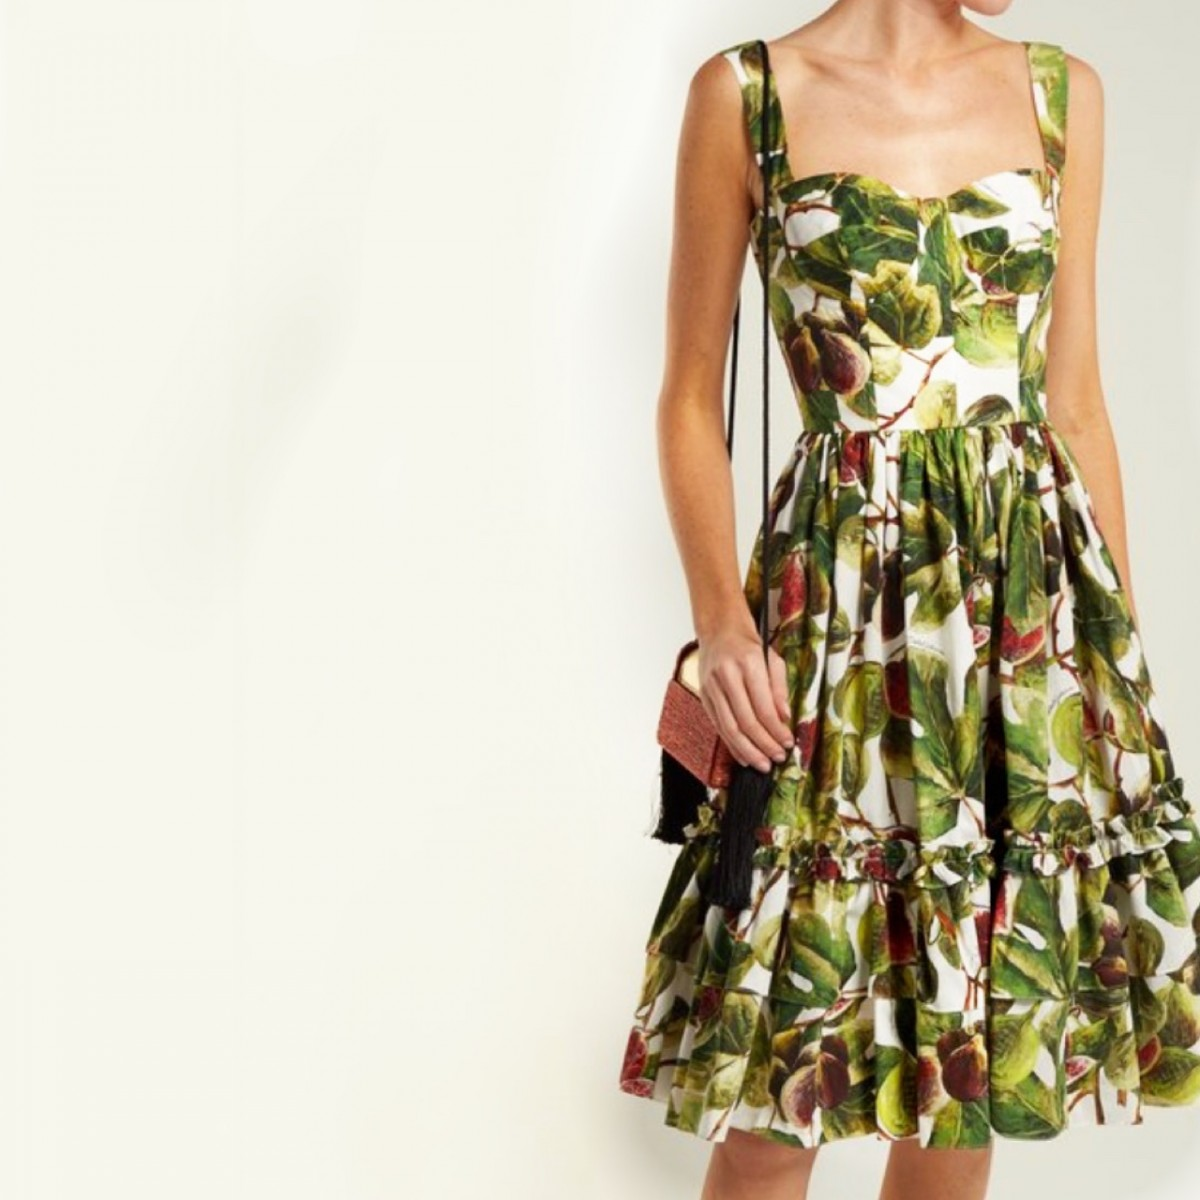 Dolce and Gabbana Dresses,dolce gabbana dress,dolce and gabbana dress,dolce gabbana dress,dolce and gabbana dress,